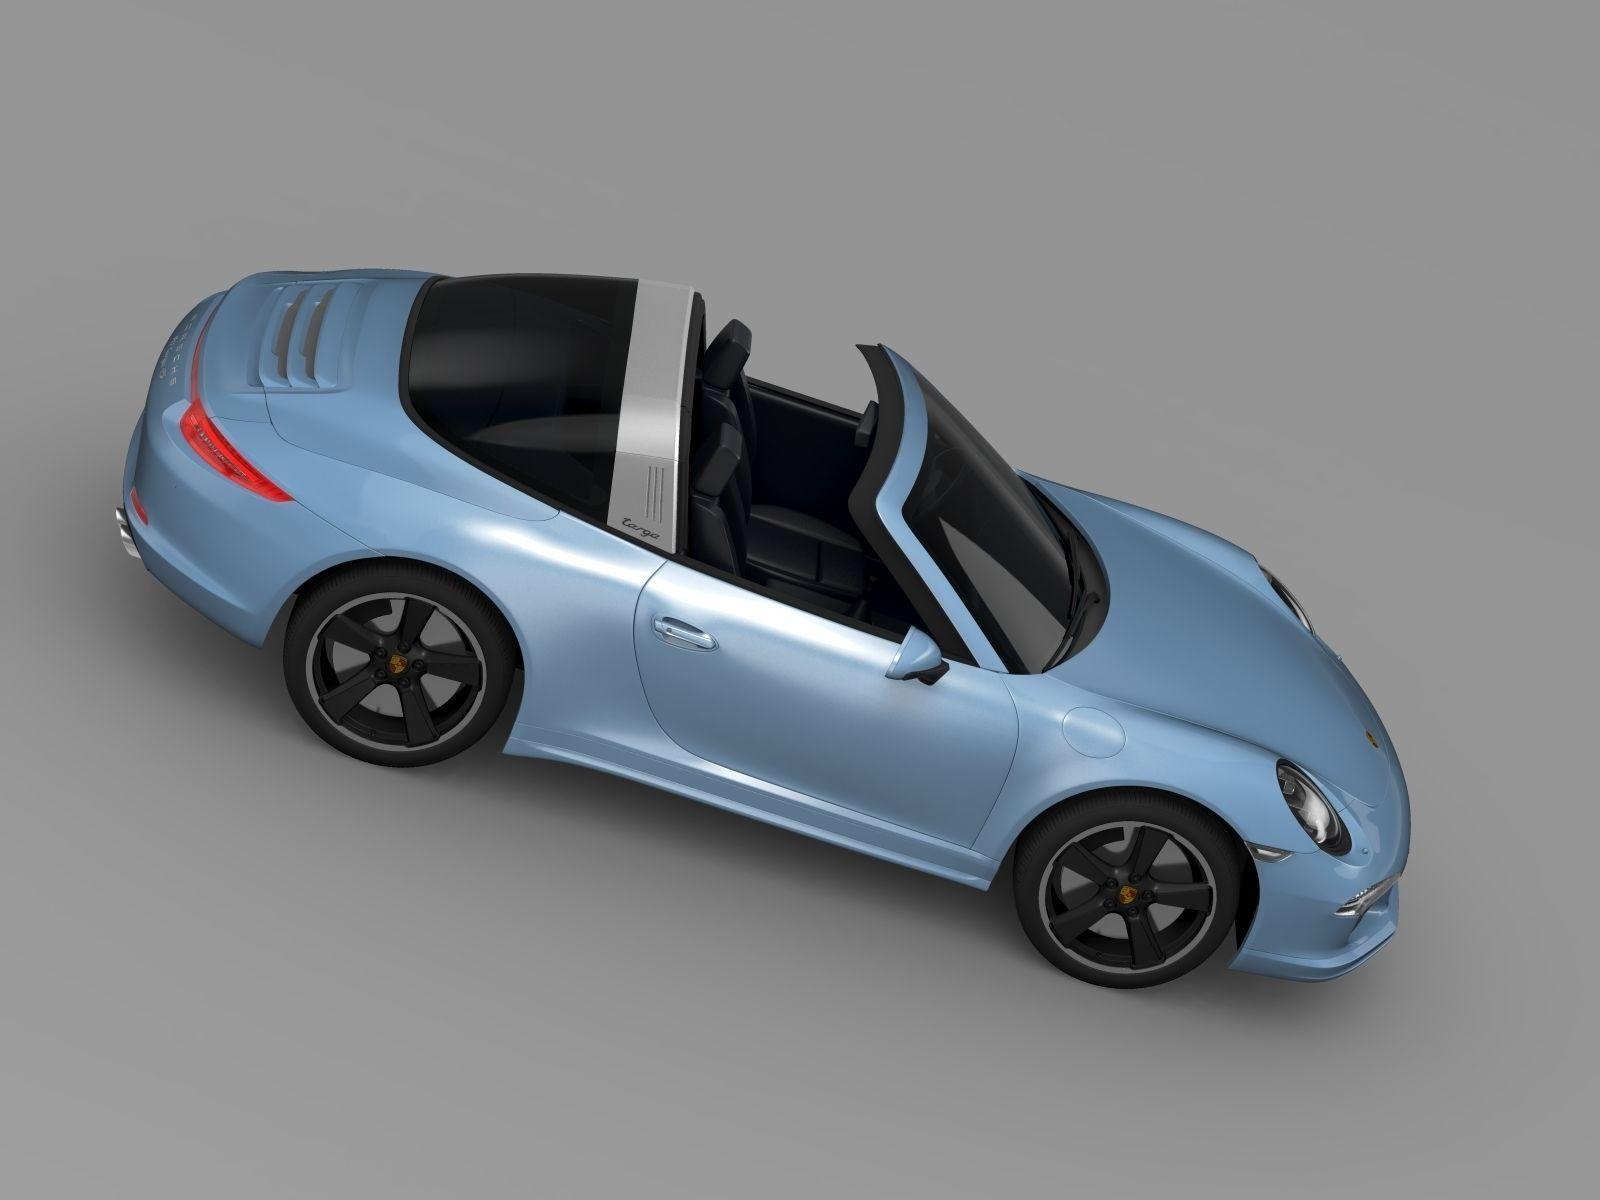 porsche 911 targa 4s exclusive 2015 3d model max obj 3ds fbx c4d lwo lw lws. Black Bedroom Furniture Sets. Home Design Ideas